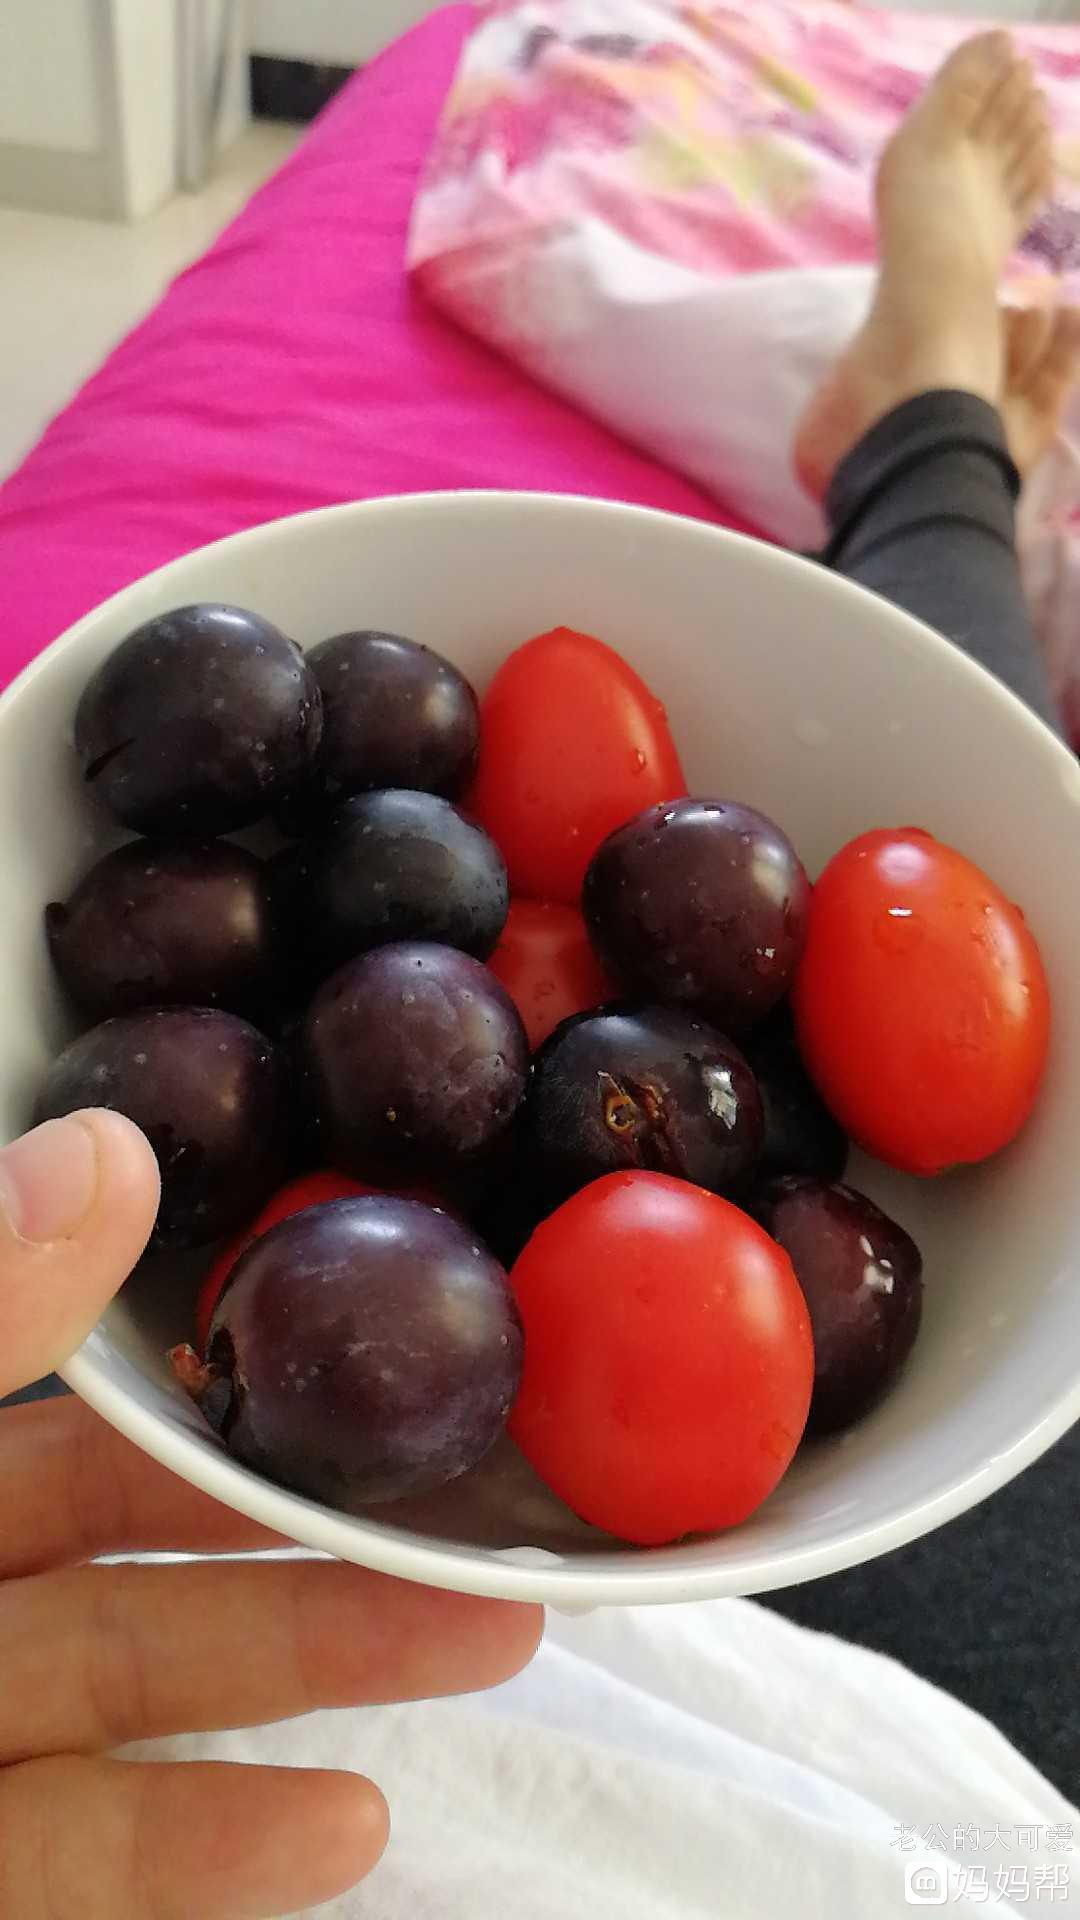 多吃水果图片